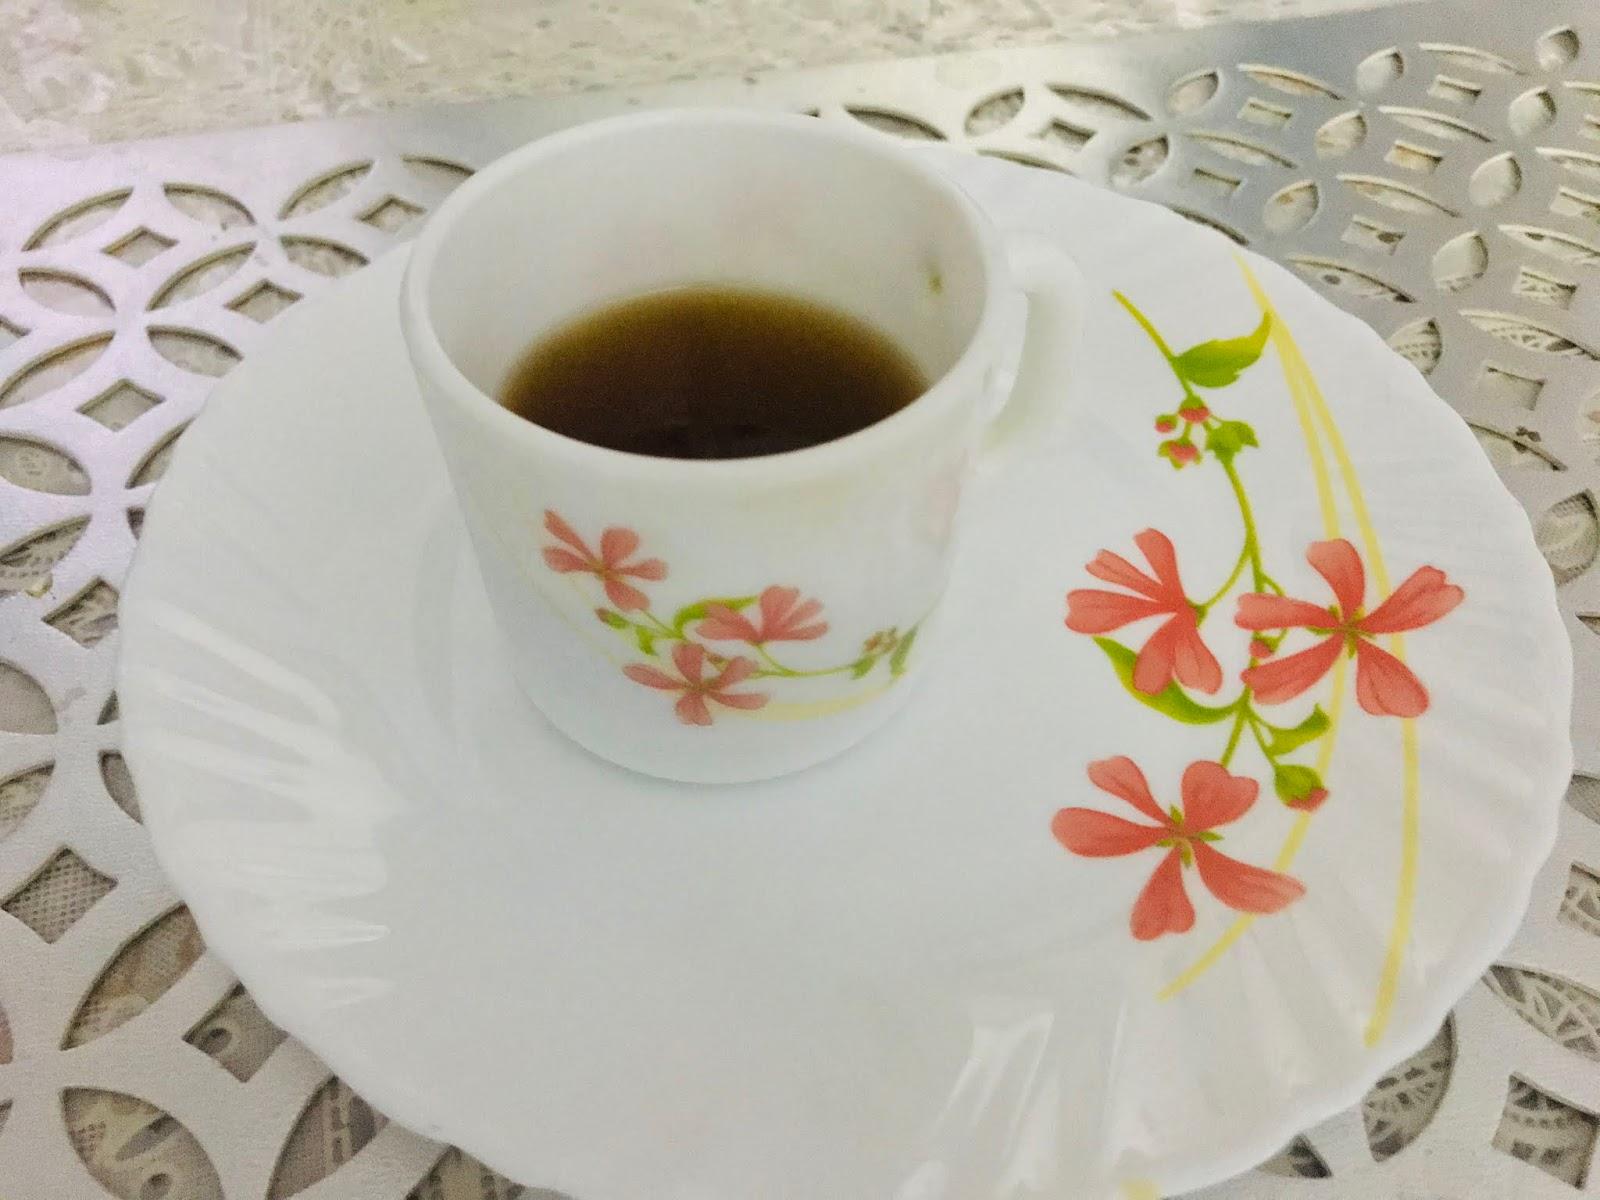 To Boost Immunity Drink This Kadha (इम्युनिटी बढ़ाने के लिए रोज़  पीजिये ये काढ़ा)